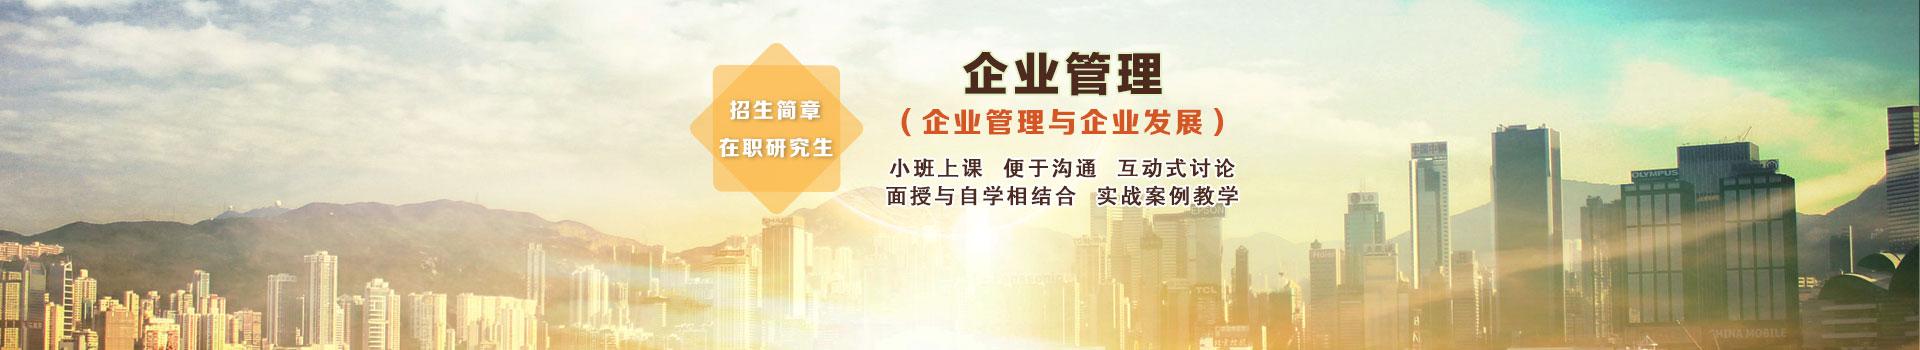 中国社会科学院企业管理(企业管理与企业发展)课程班招生简章